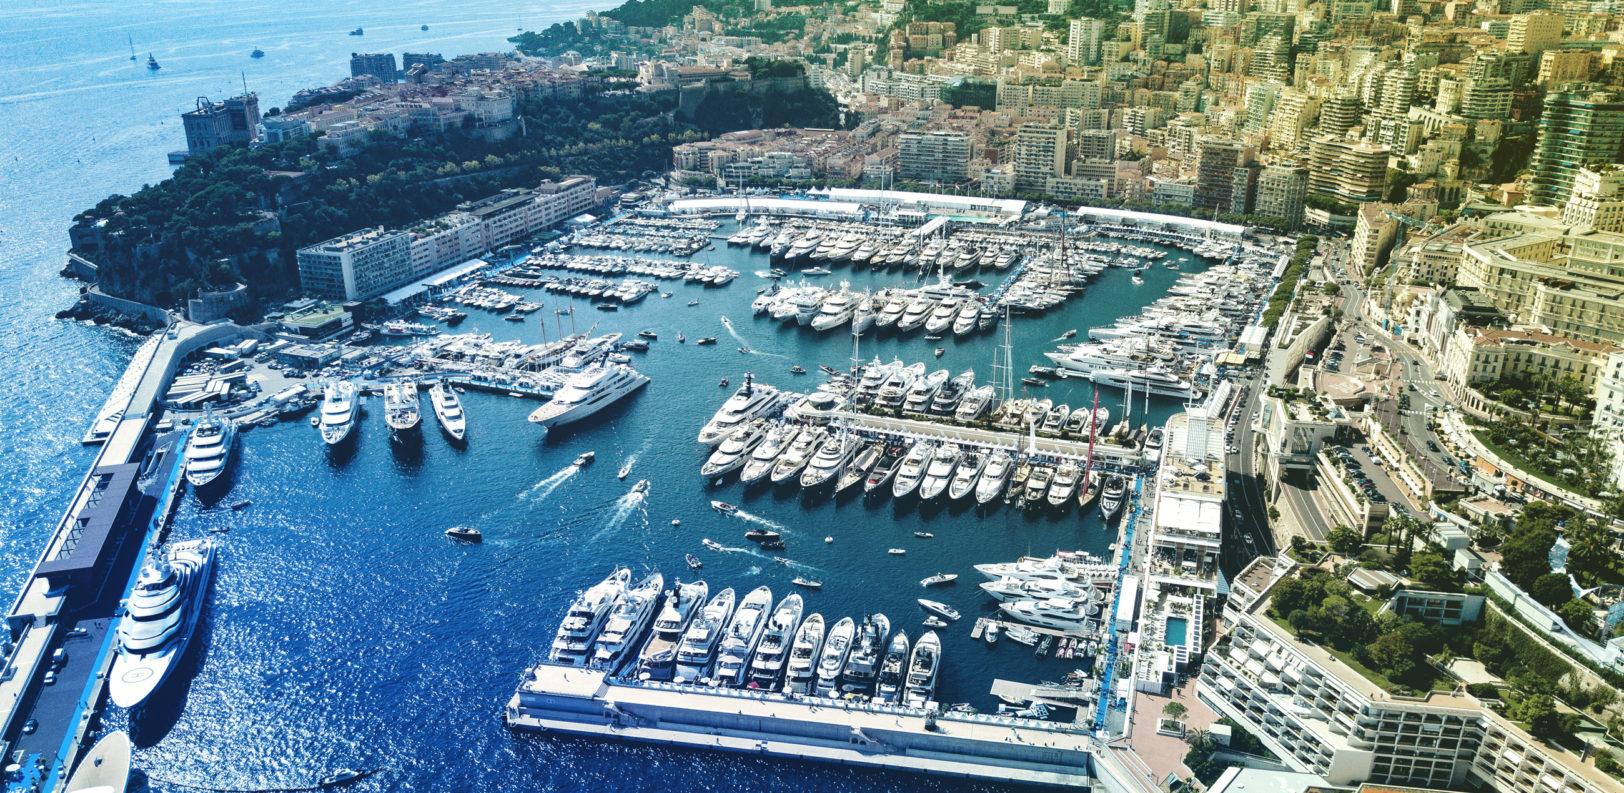 Monaco Yacht Show 2018 - 02